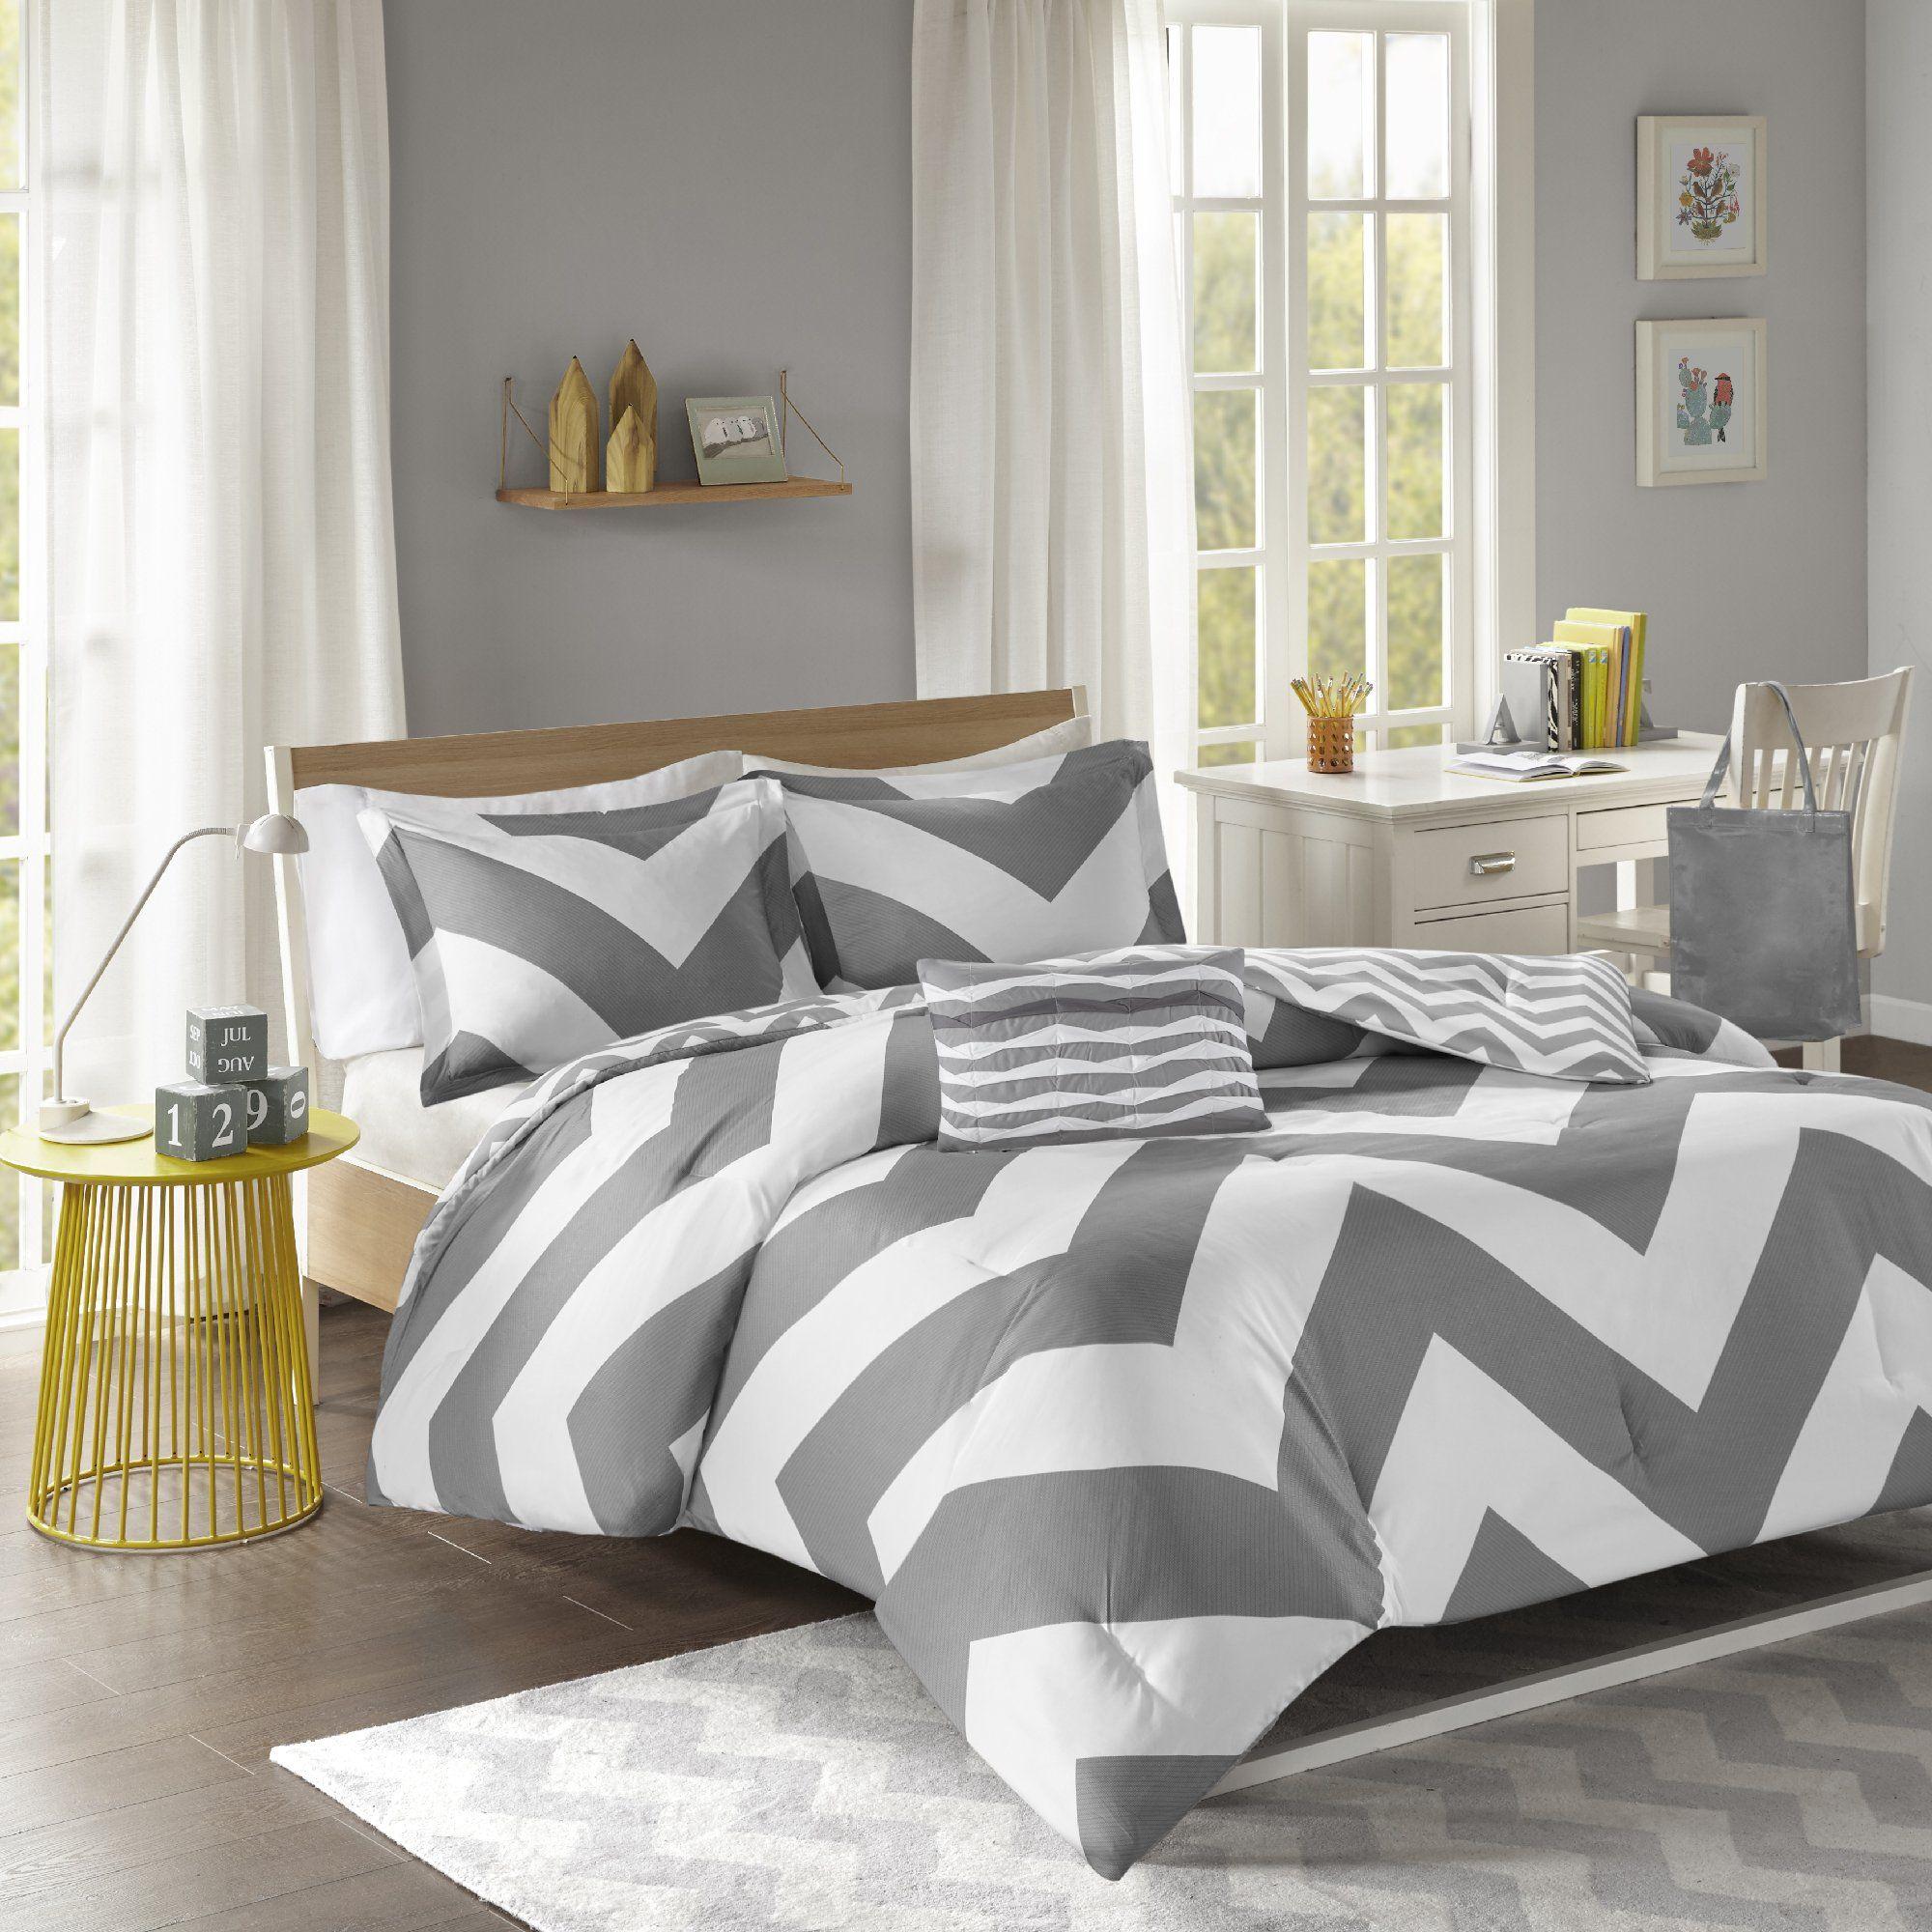 Mi Zone Mz10 335 Libra Comforter Set Full Queen Grey